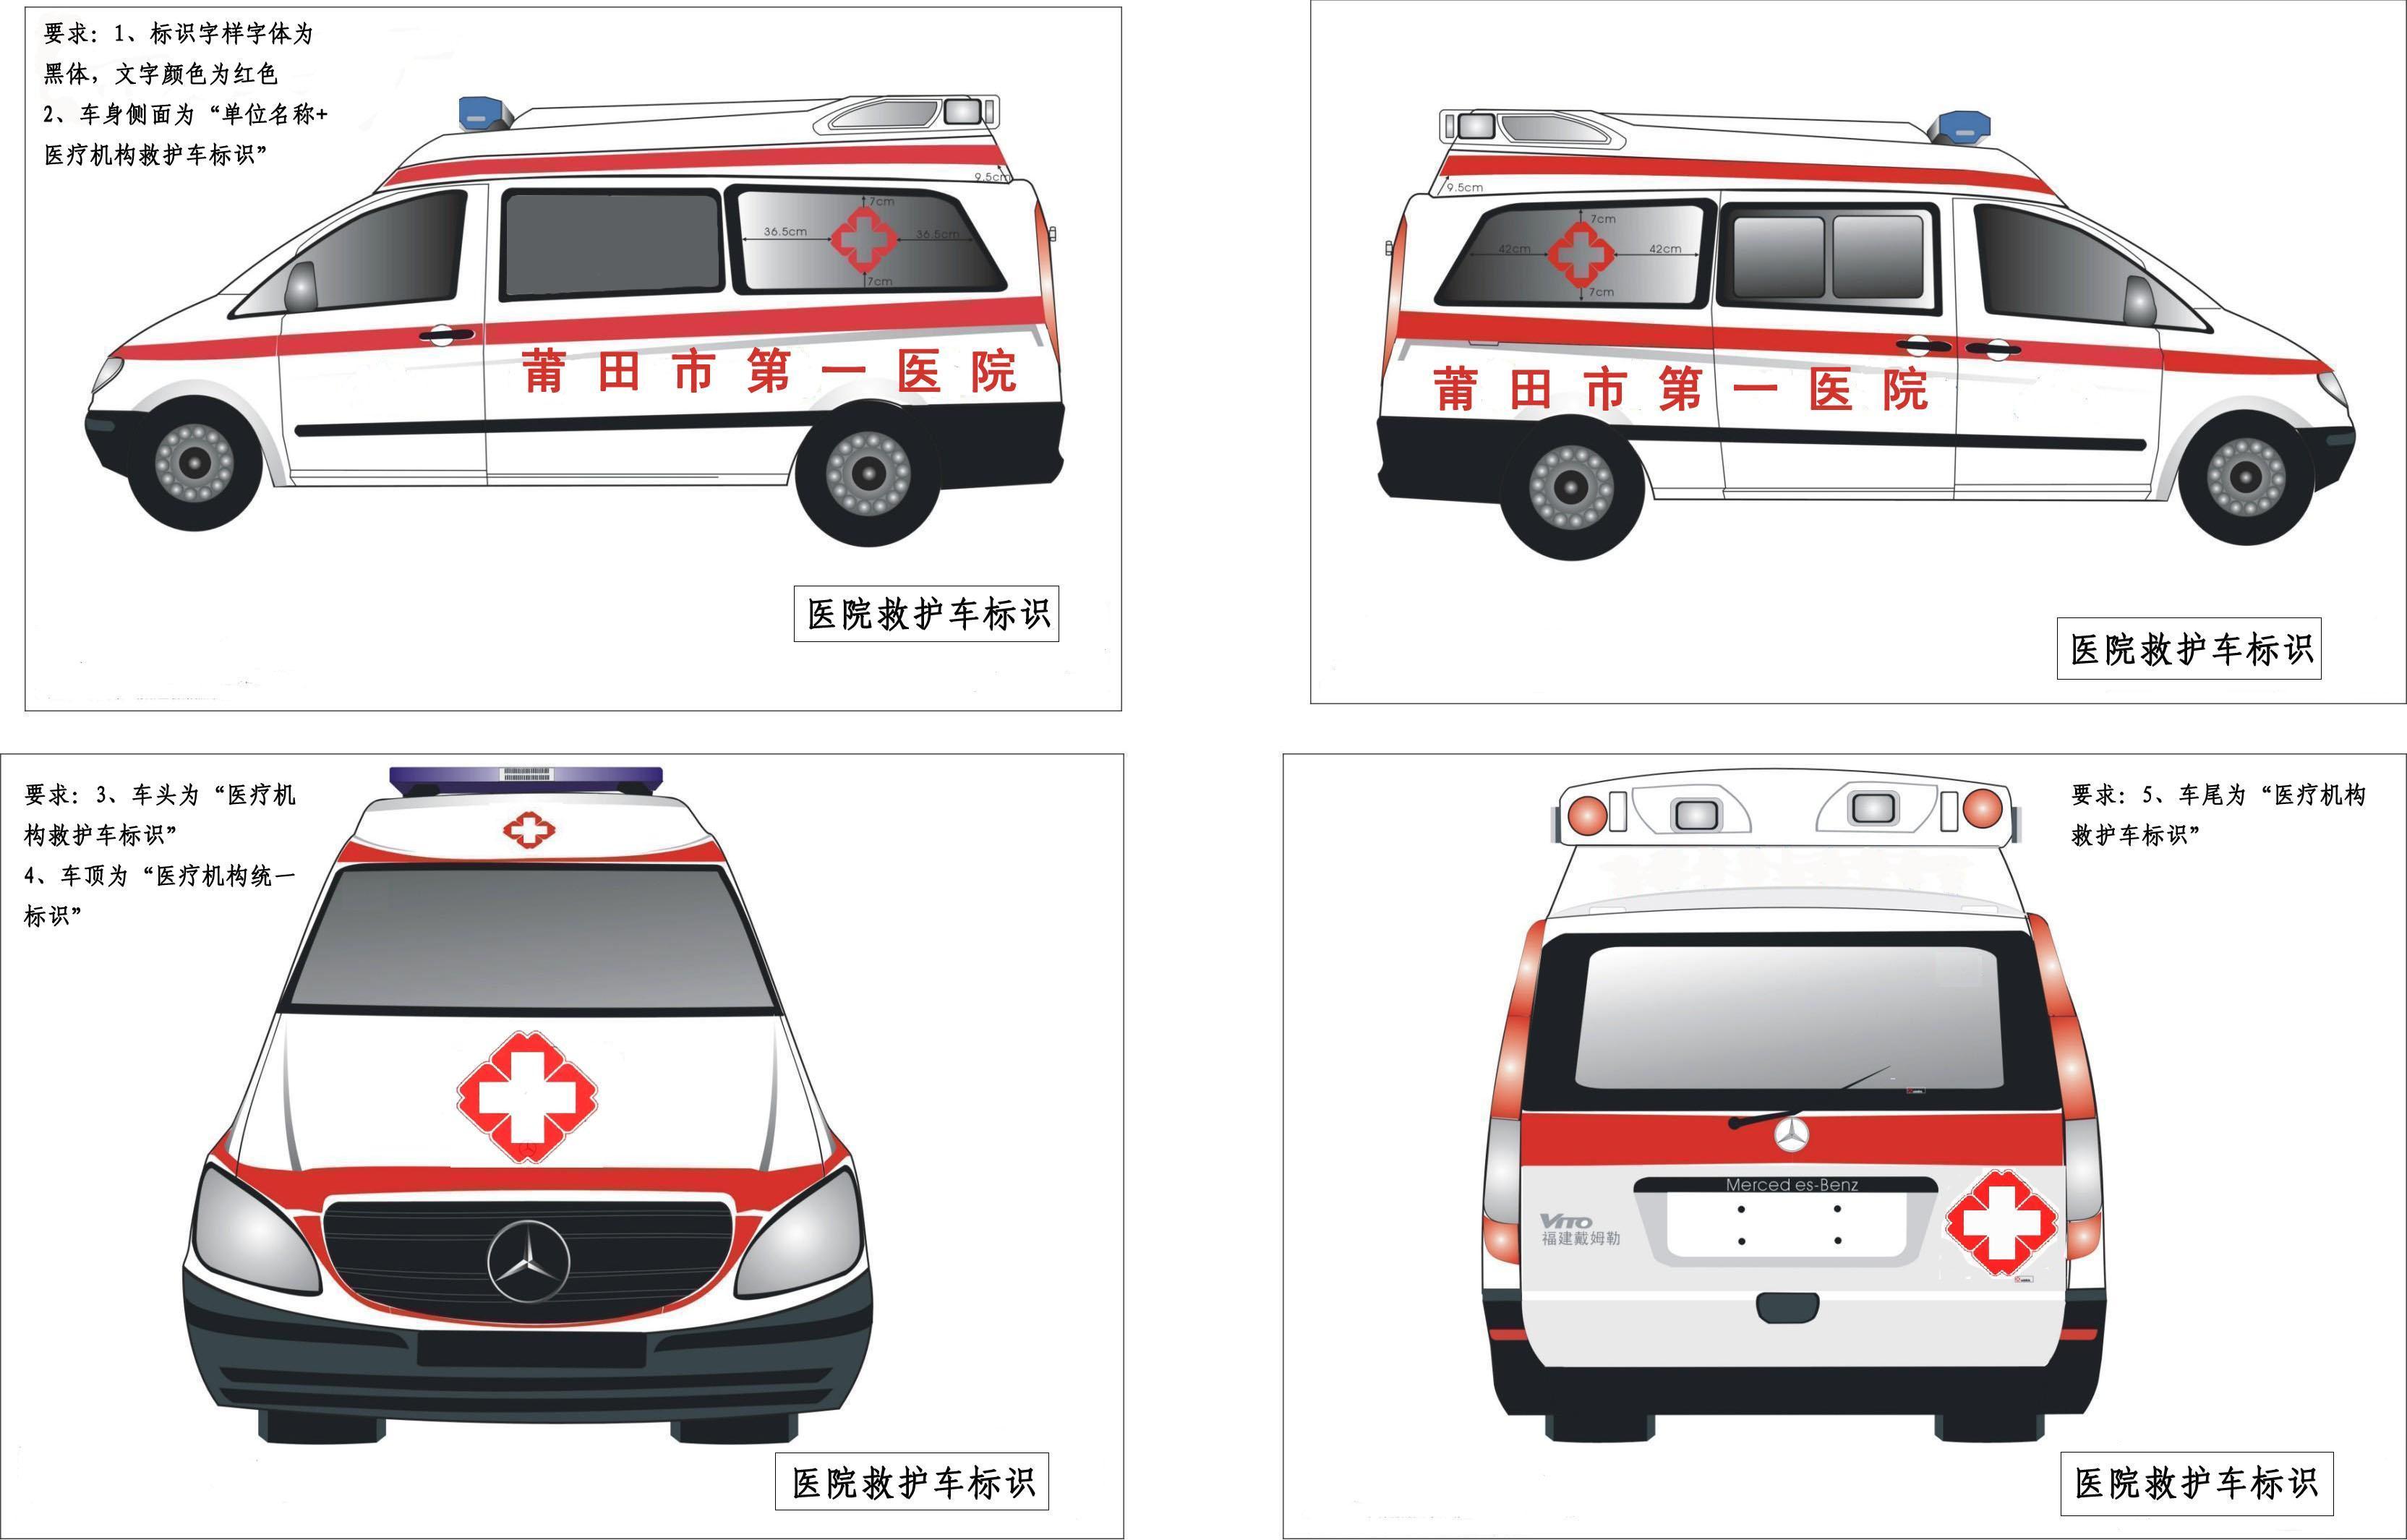 福建省医院救护车统一急救标识效果图1